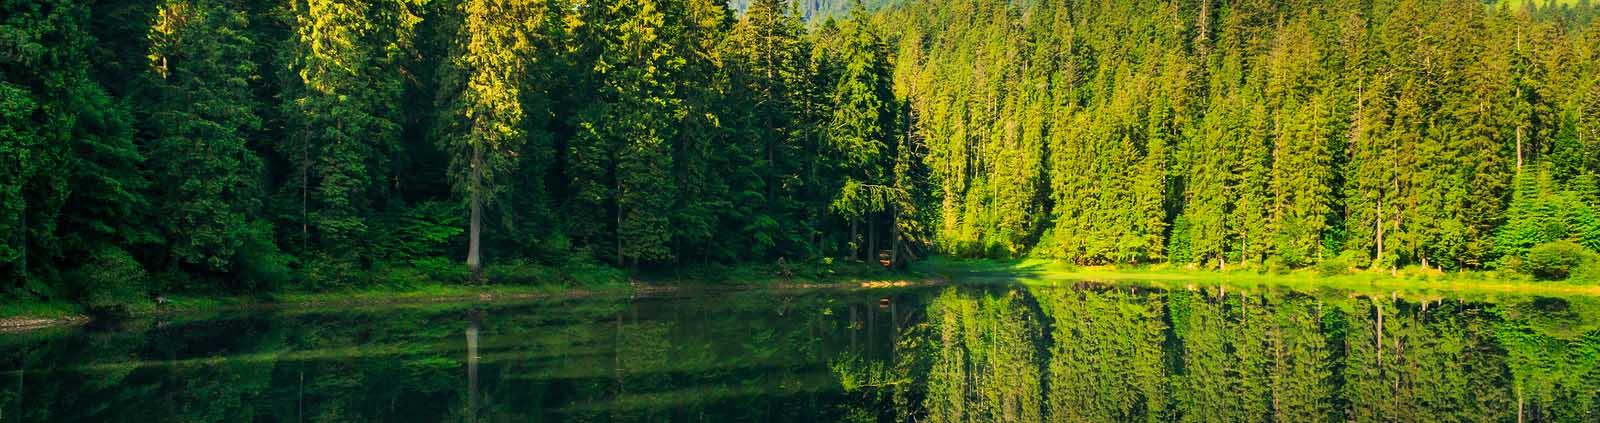 Freshness Near Forest